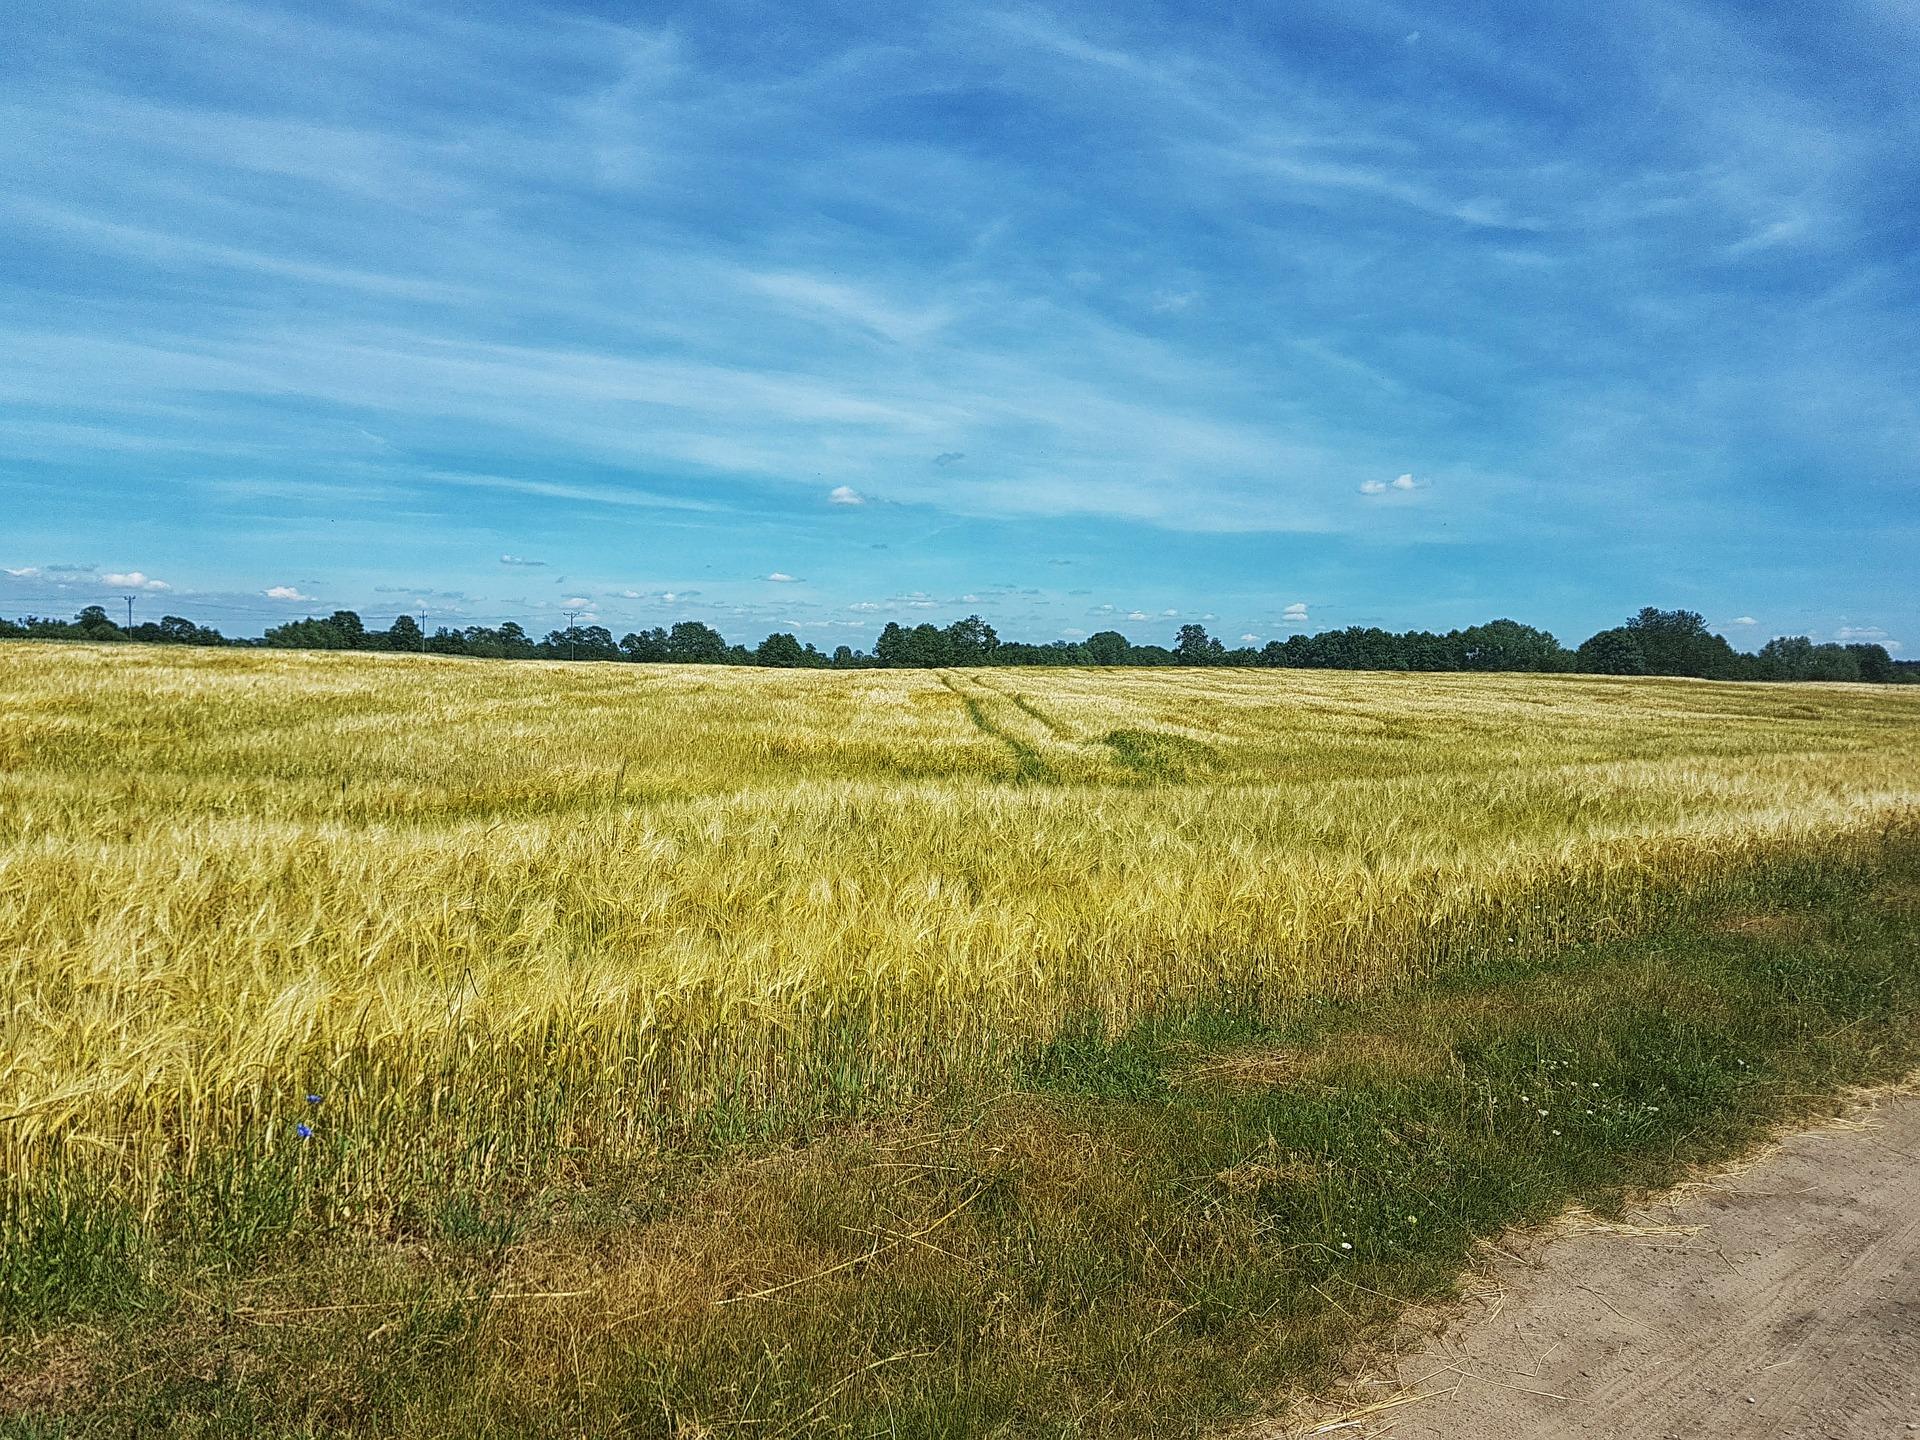 В Україні прогнозують суху, помірно теплу погоду